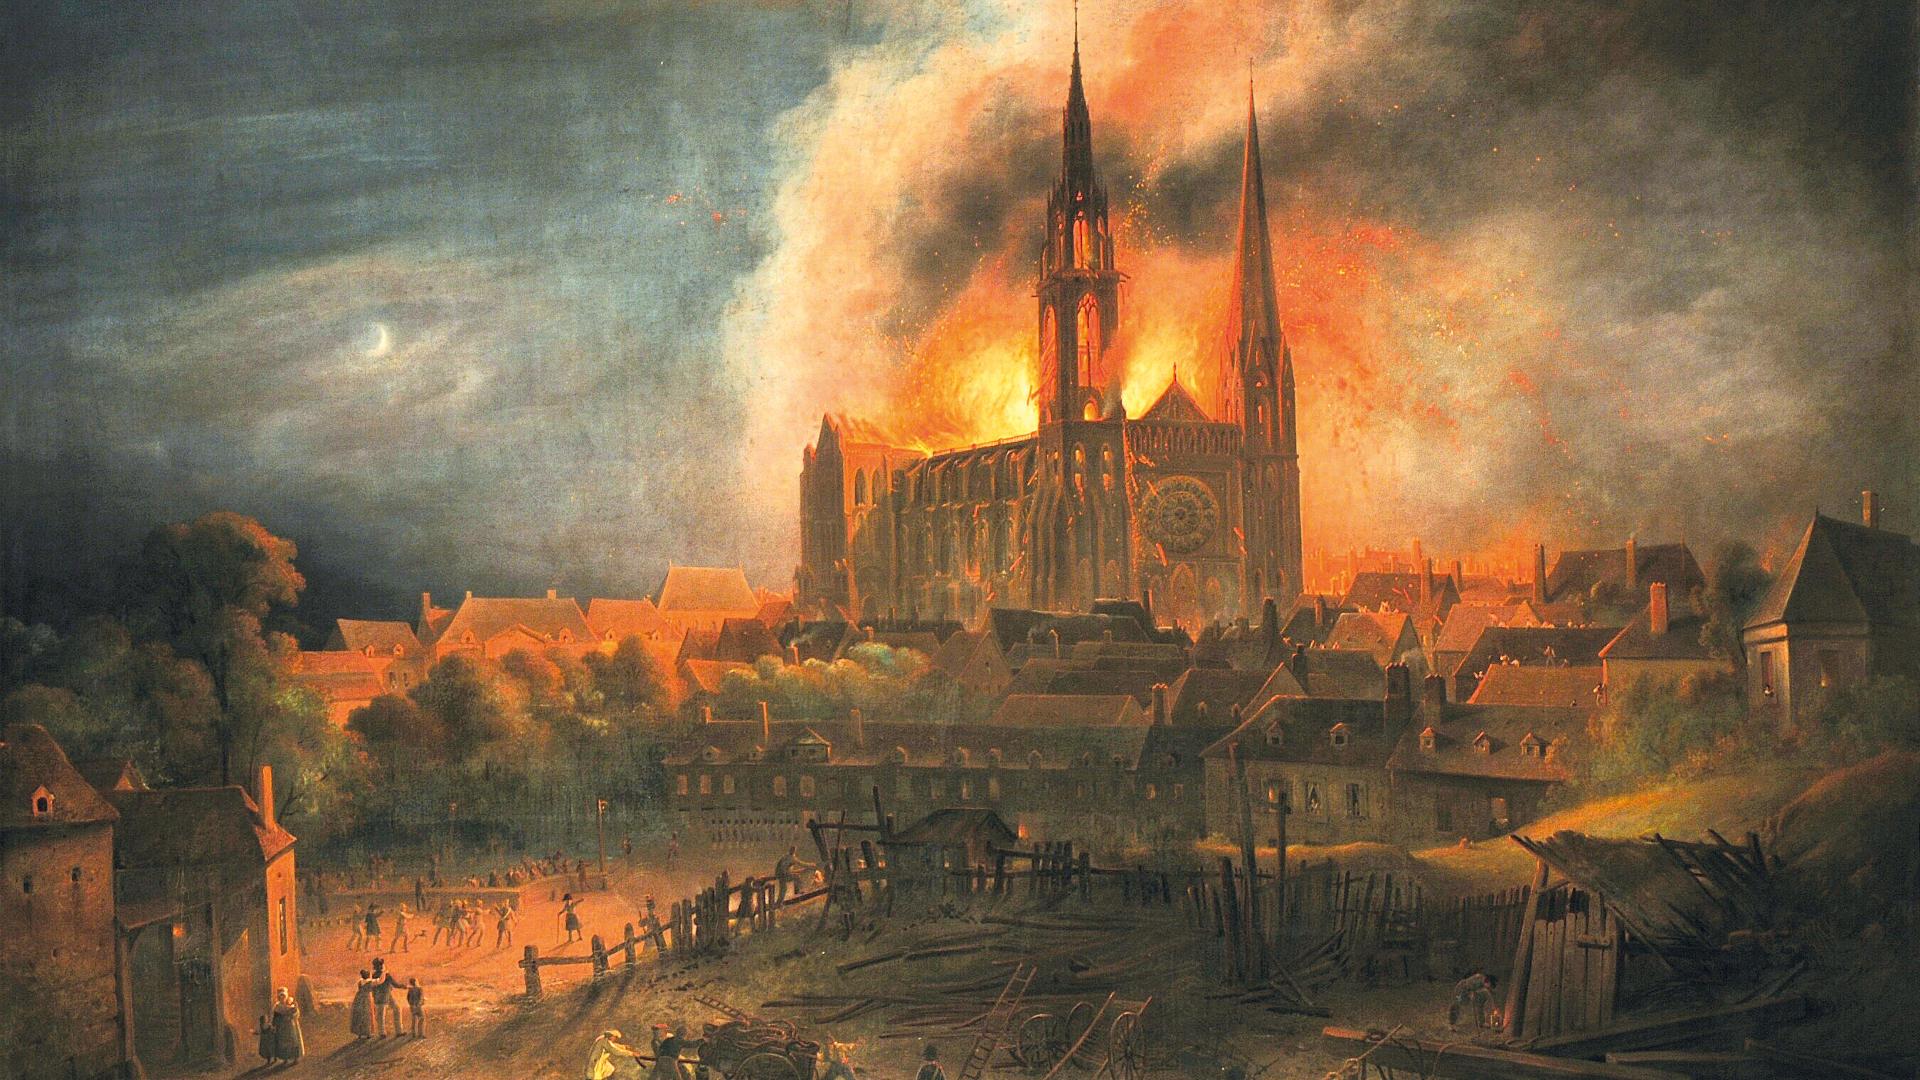 Chartres - 1836, incendie de la cathédrale de Chartres – Épisode 1/3